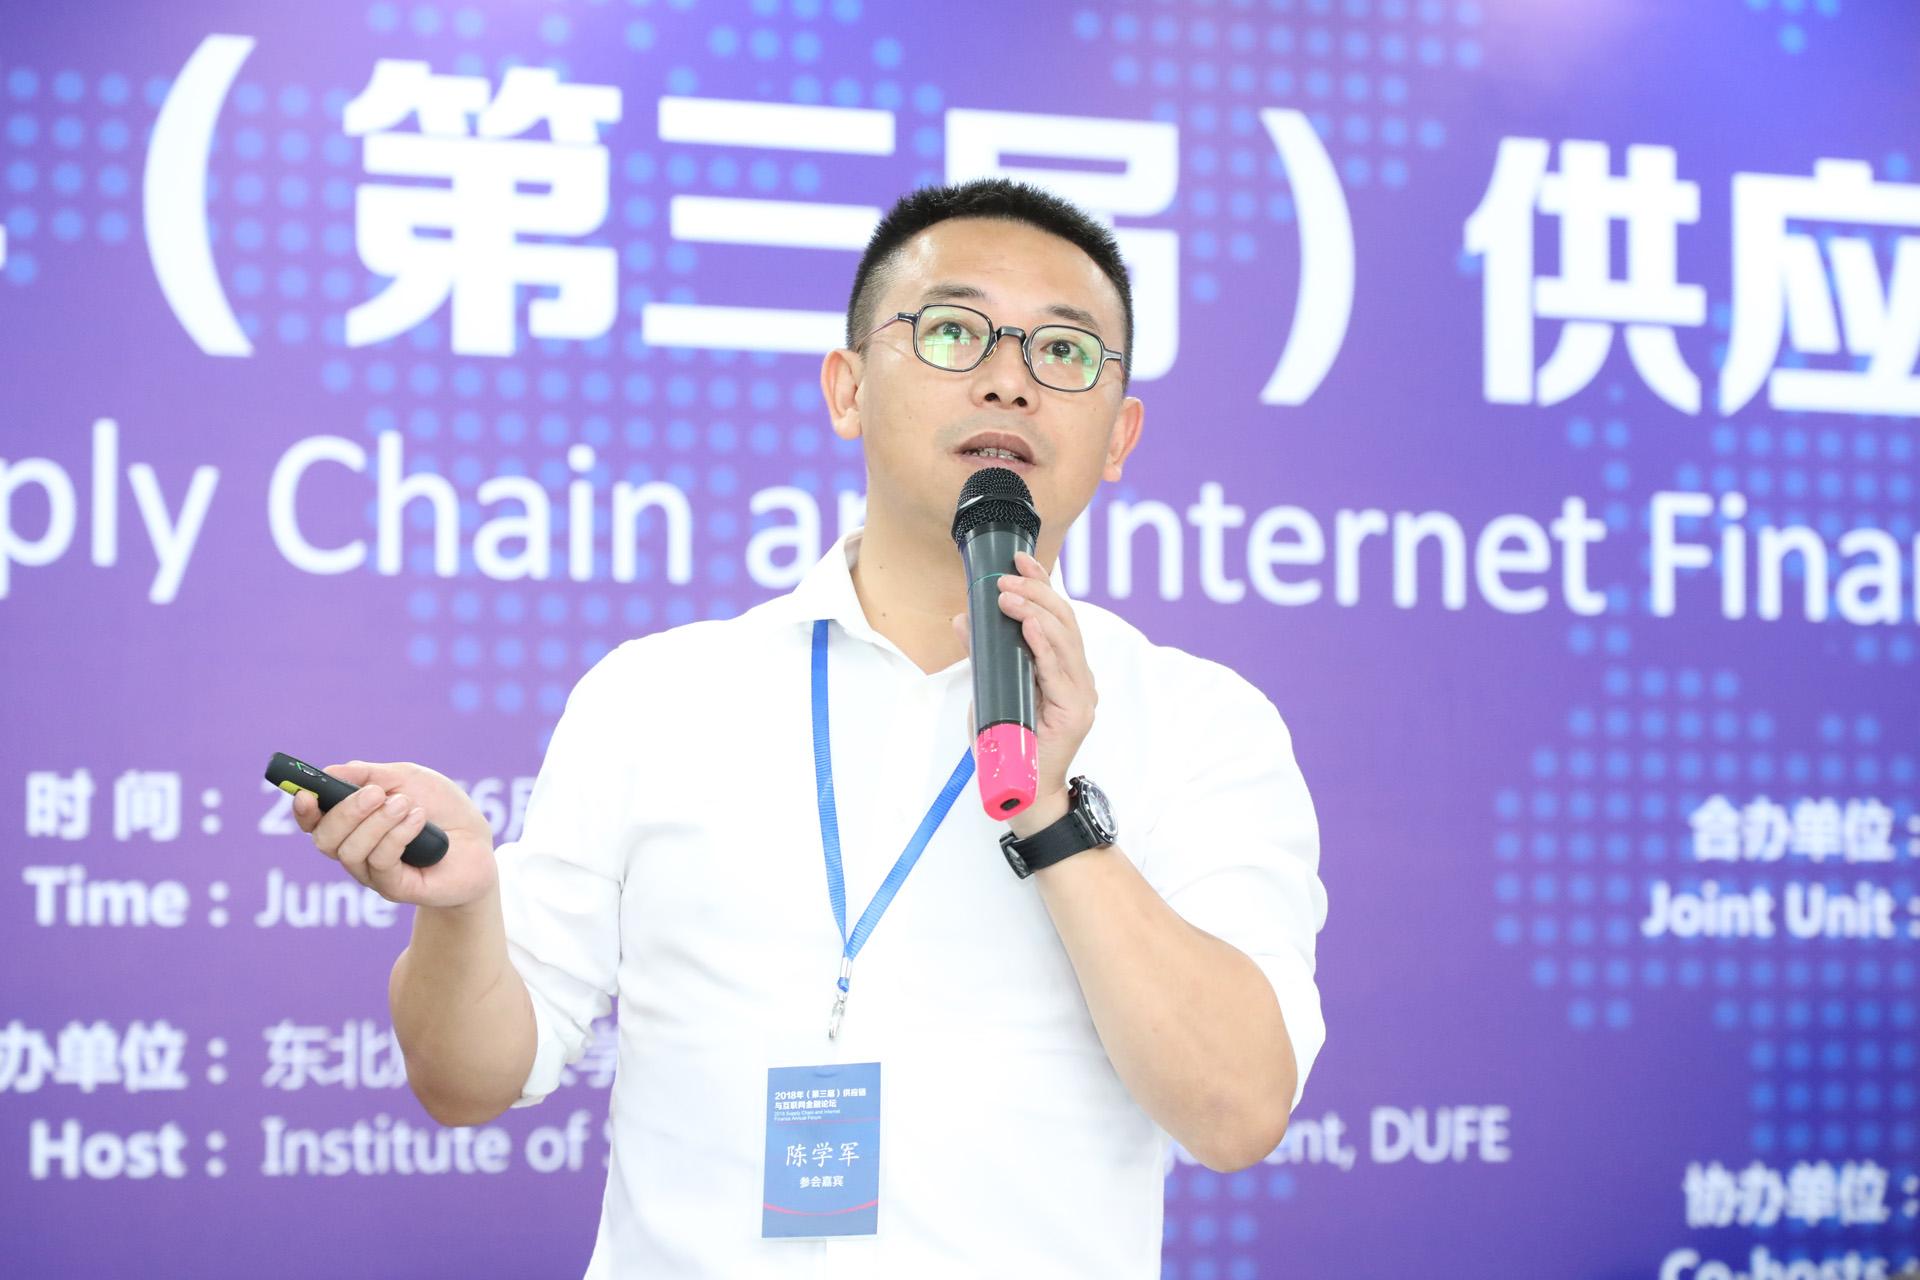 三乐集团参加2018年(第三届)供应链与互联网金融论坛